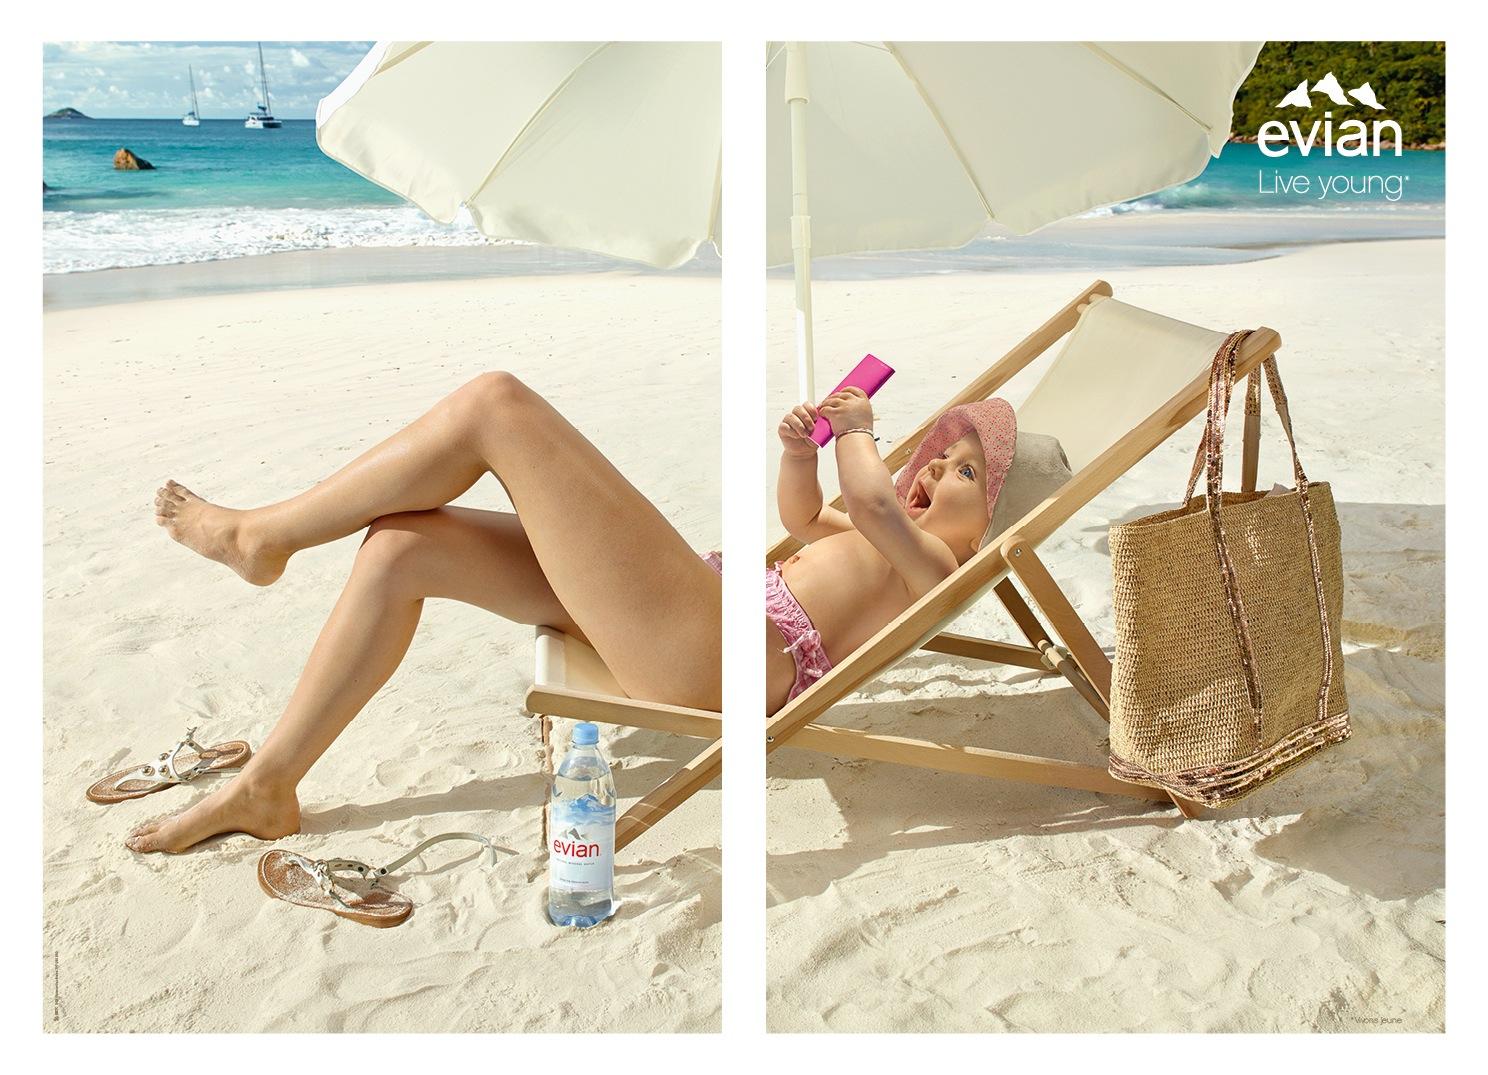 evian-vivons-jeune-femme-mobile-transat-parasol-plage-caraibes